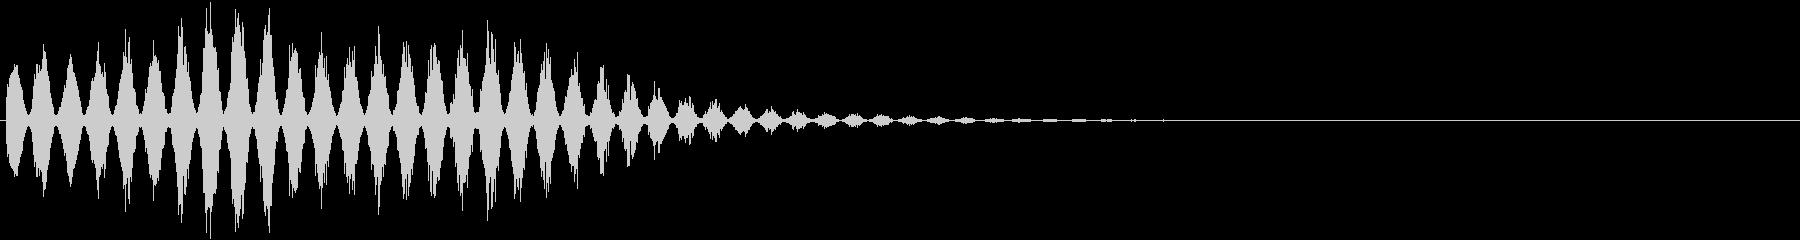 RPGゲーム魔法音11(風系)の未再生の波形